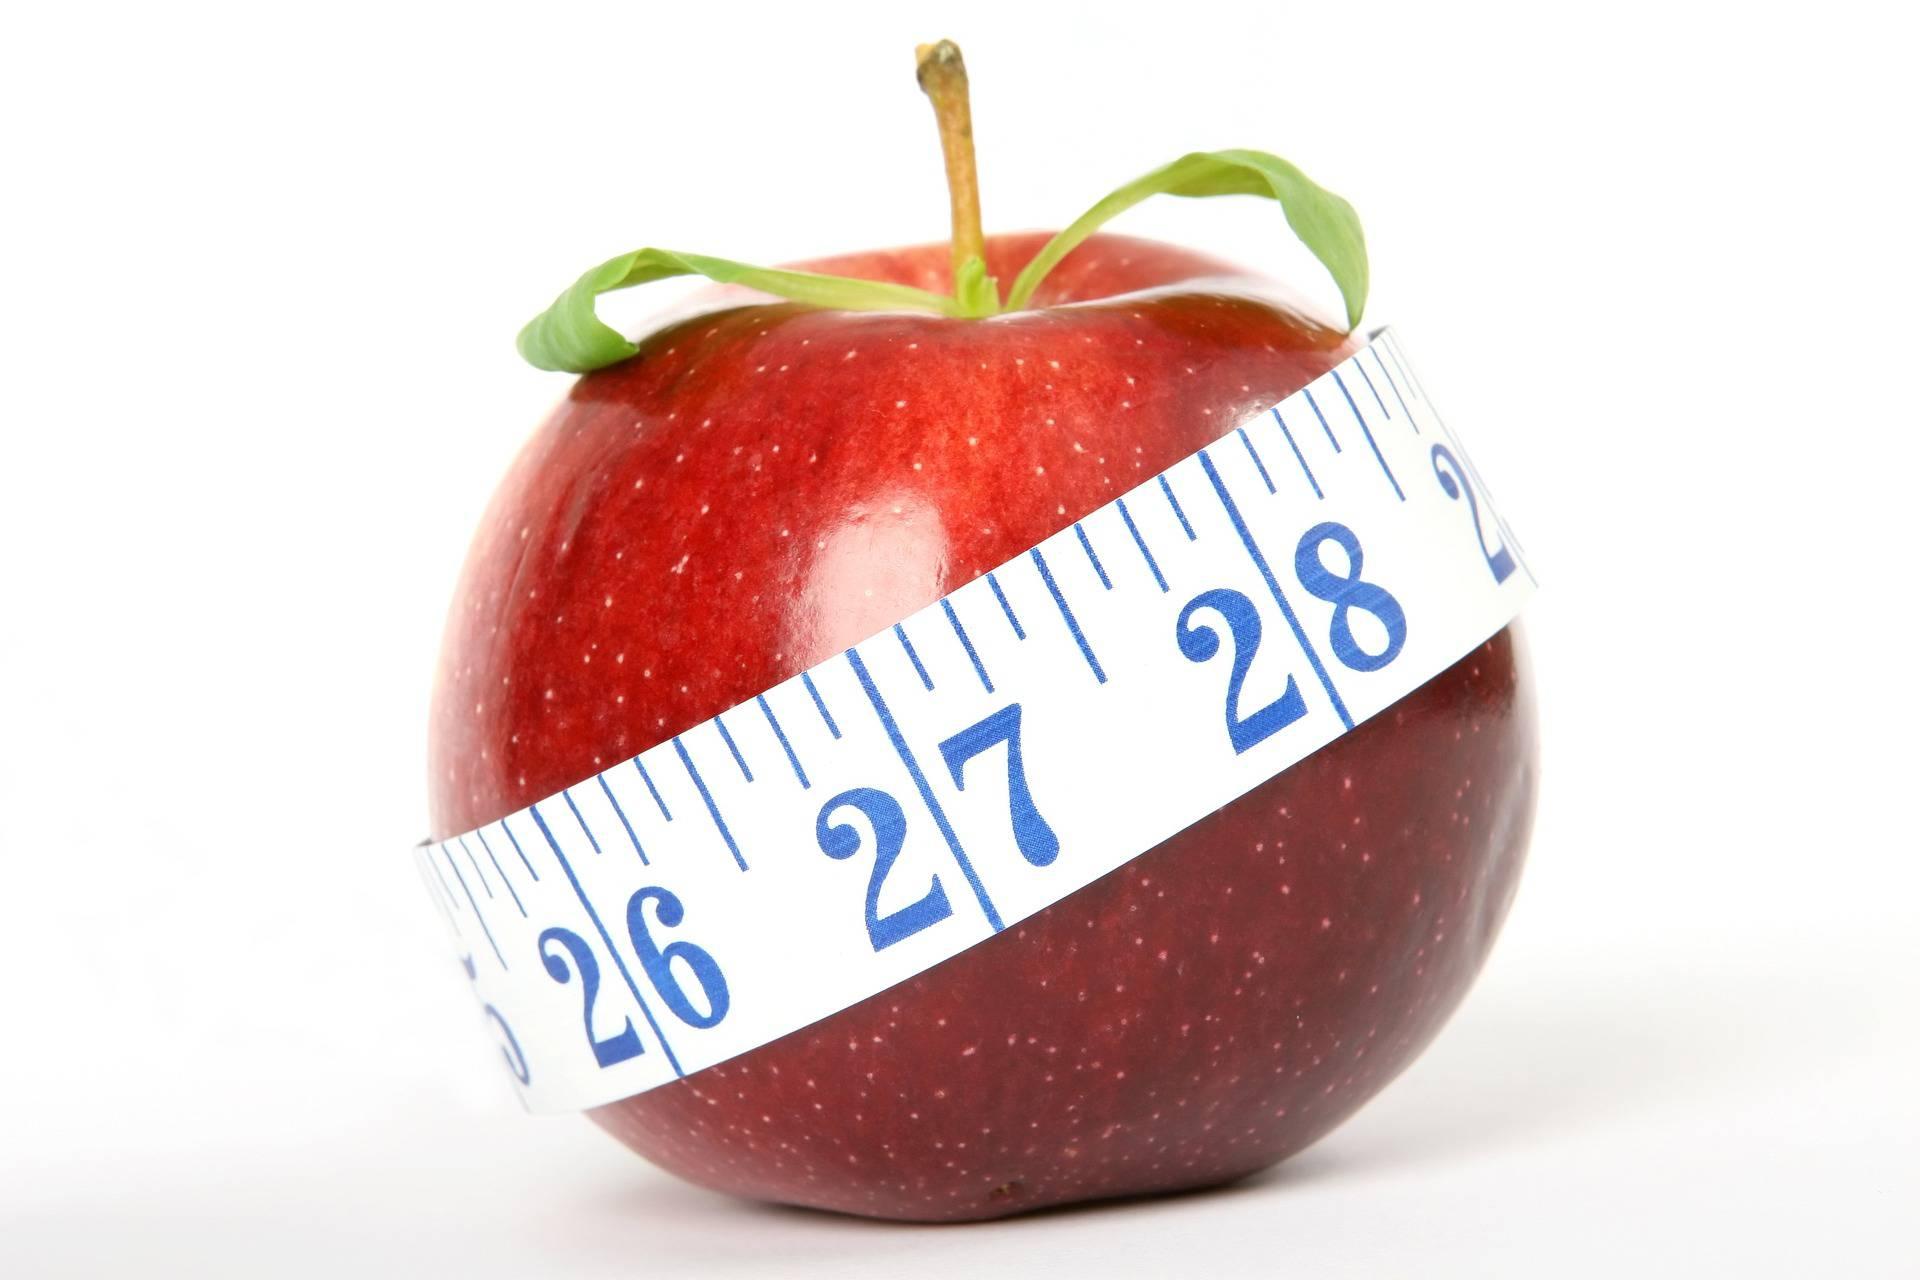 perdere peso in 5 giorni